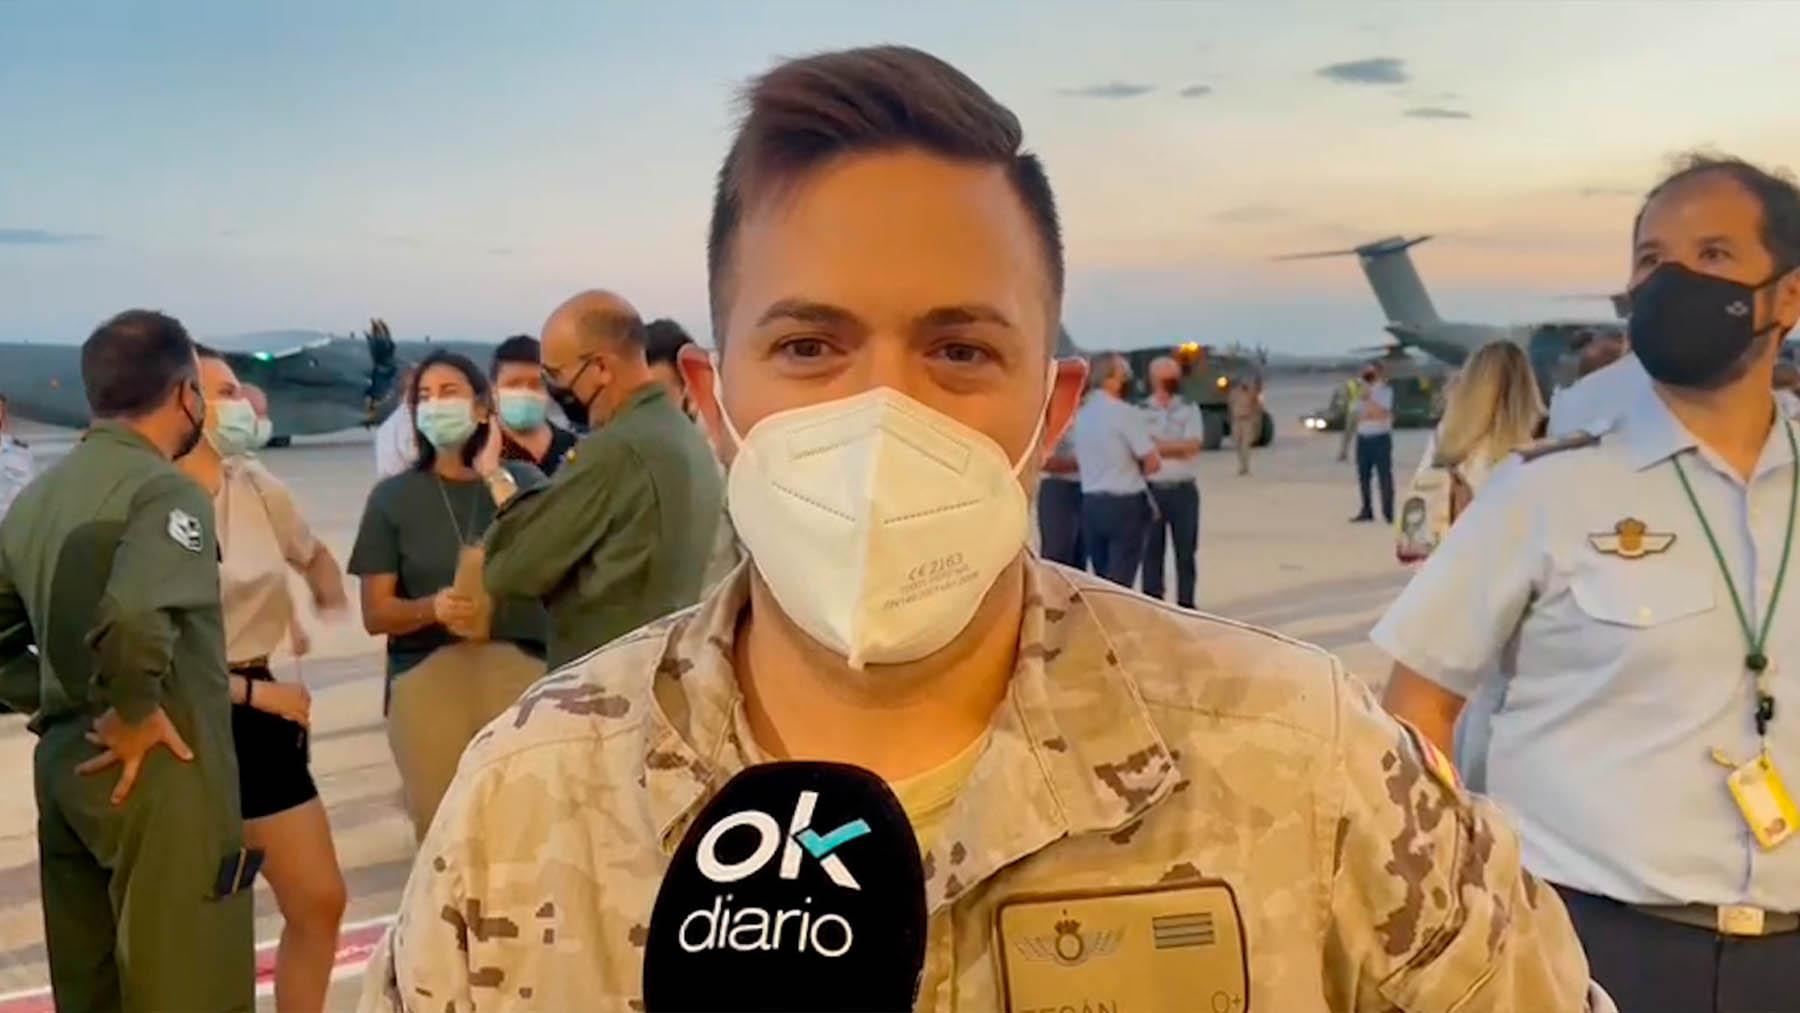 El sargento Tesán del Ejército del Aire habla con OKDIARIO en Torrejón tras aterrizar desde Afganistán.